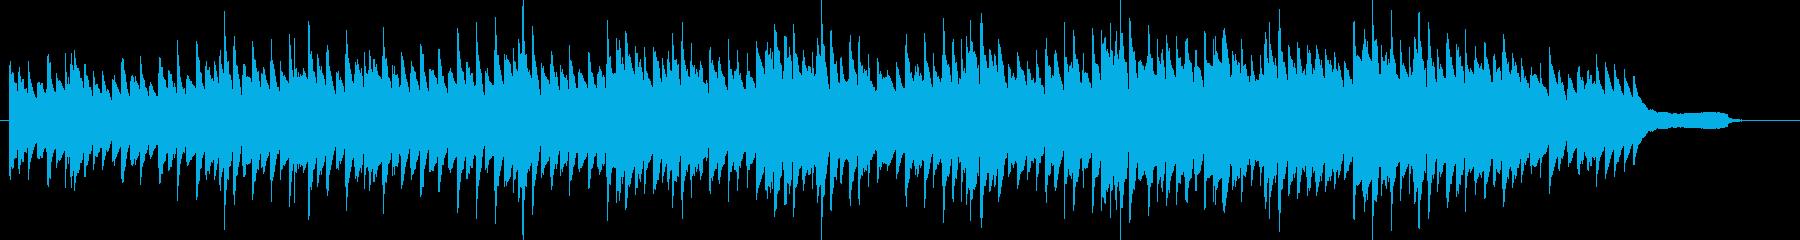 CM/ピアノ/優しい/感動/家族/E♭の再生済みの波形